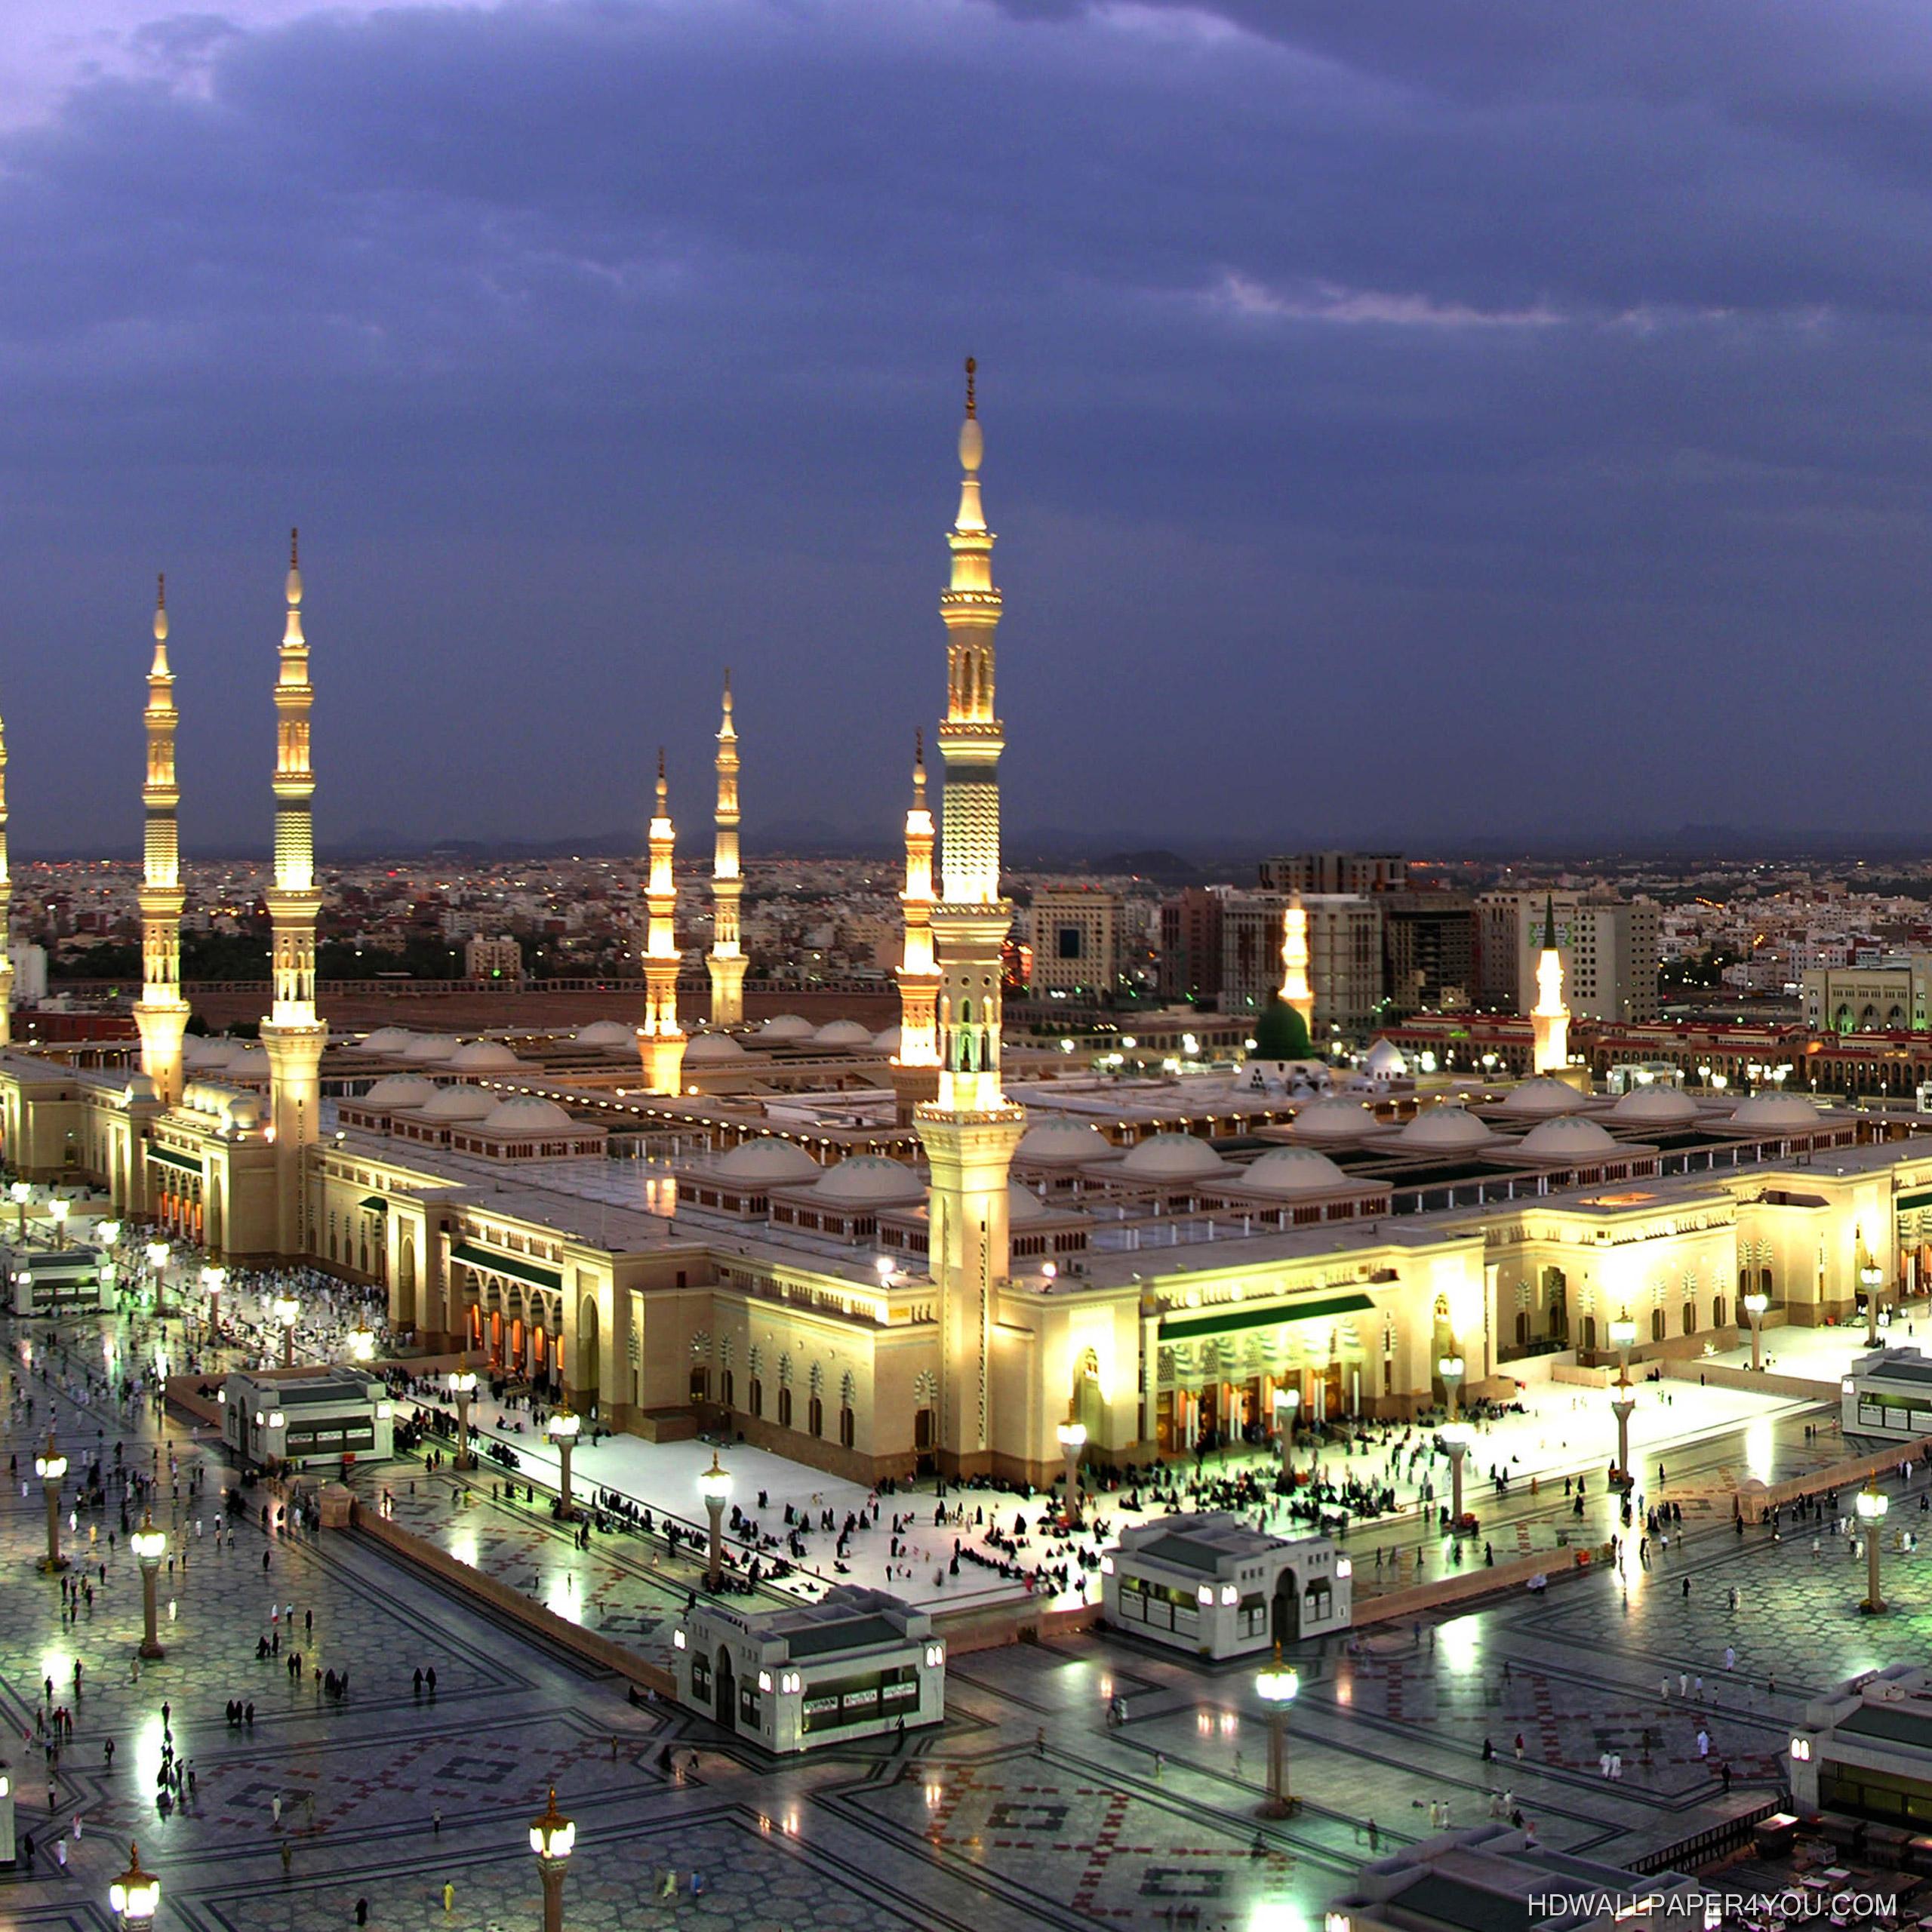 صورة خلفية شاشة المسجد النبوي المدينة المنورة Islamic Wallpapers صور خلفيات عالية الدقة Hd Wallpapers